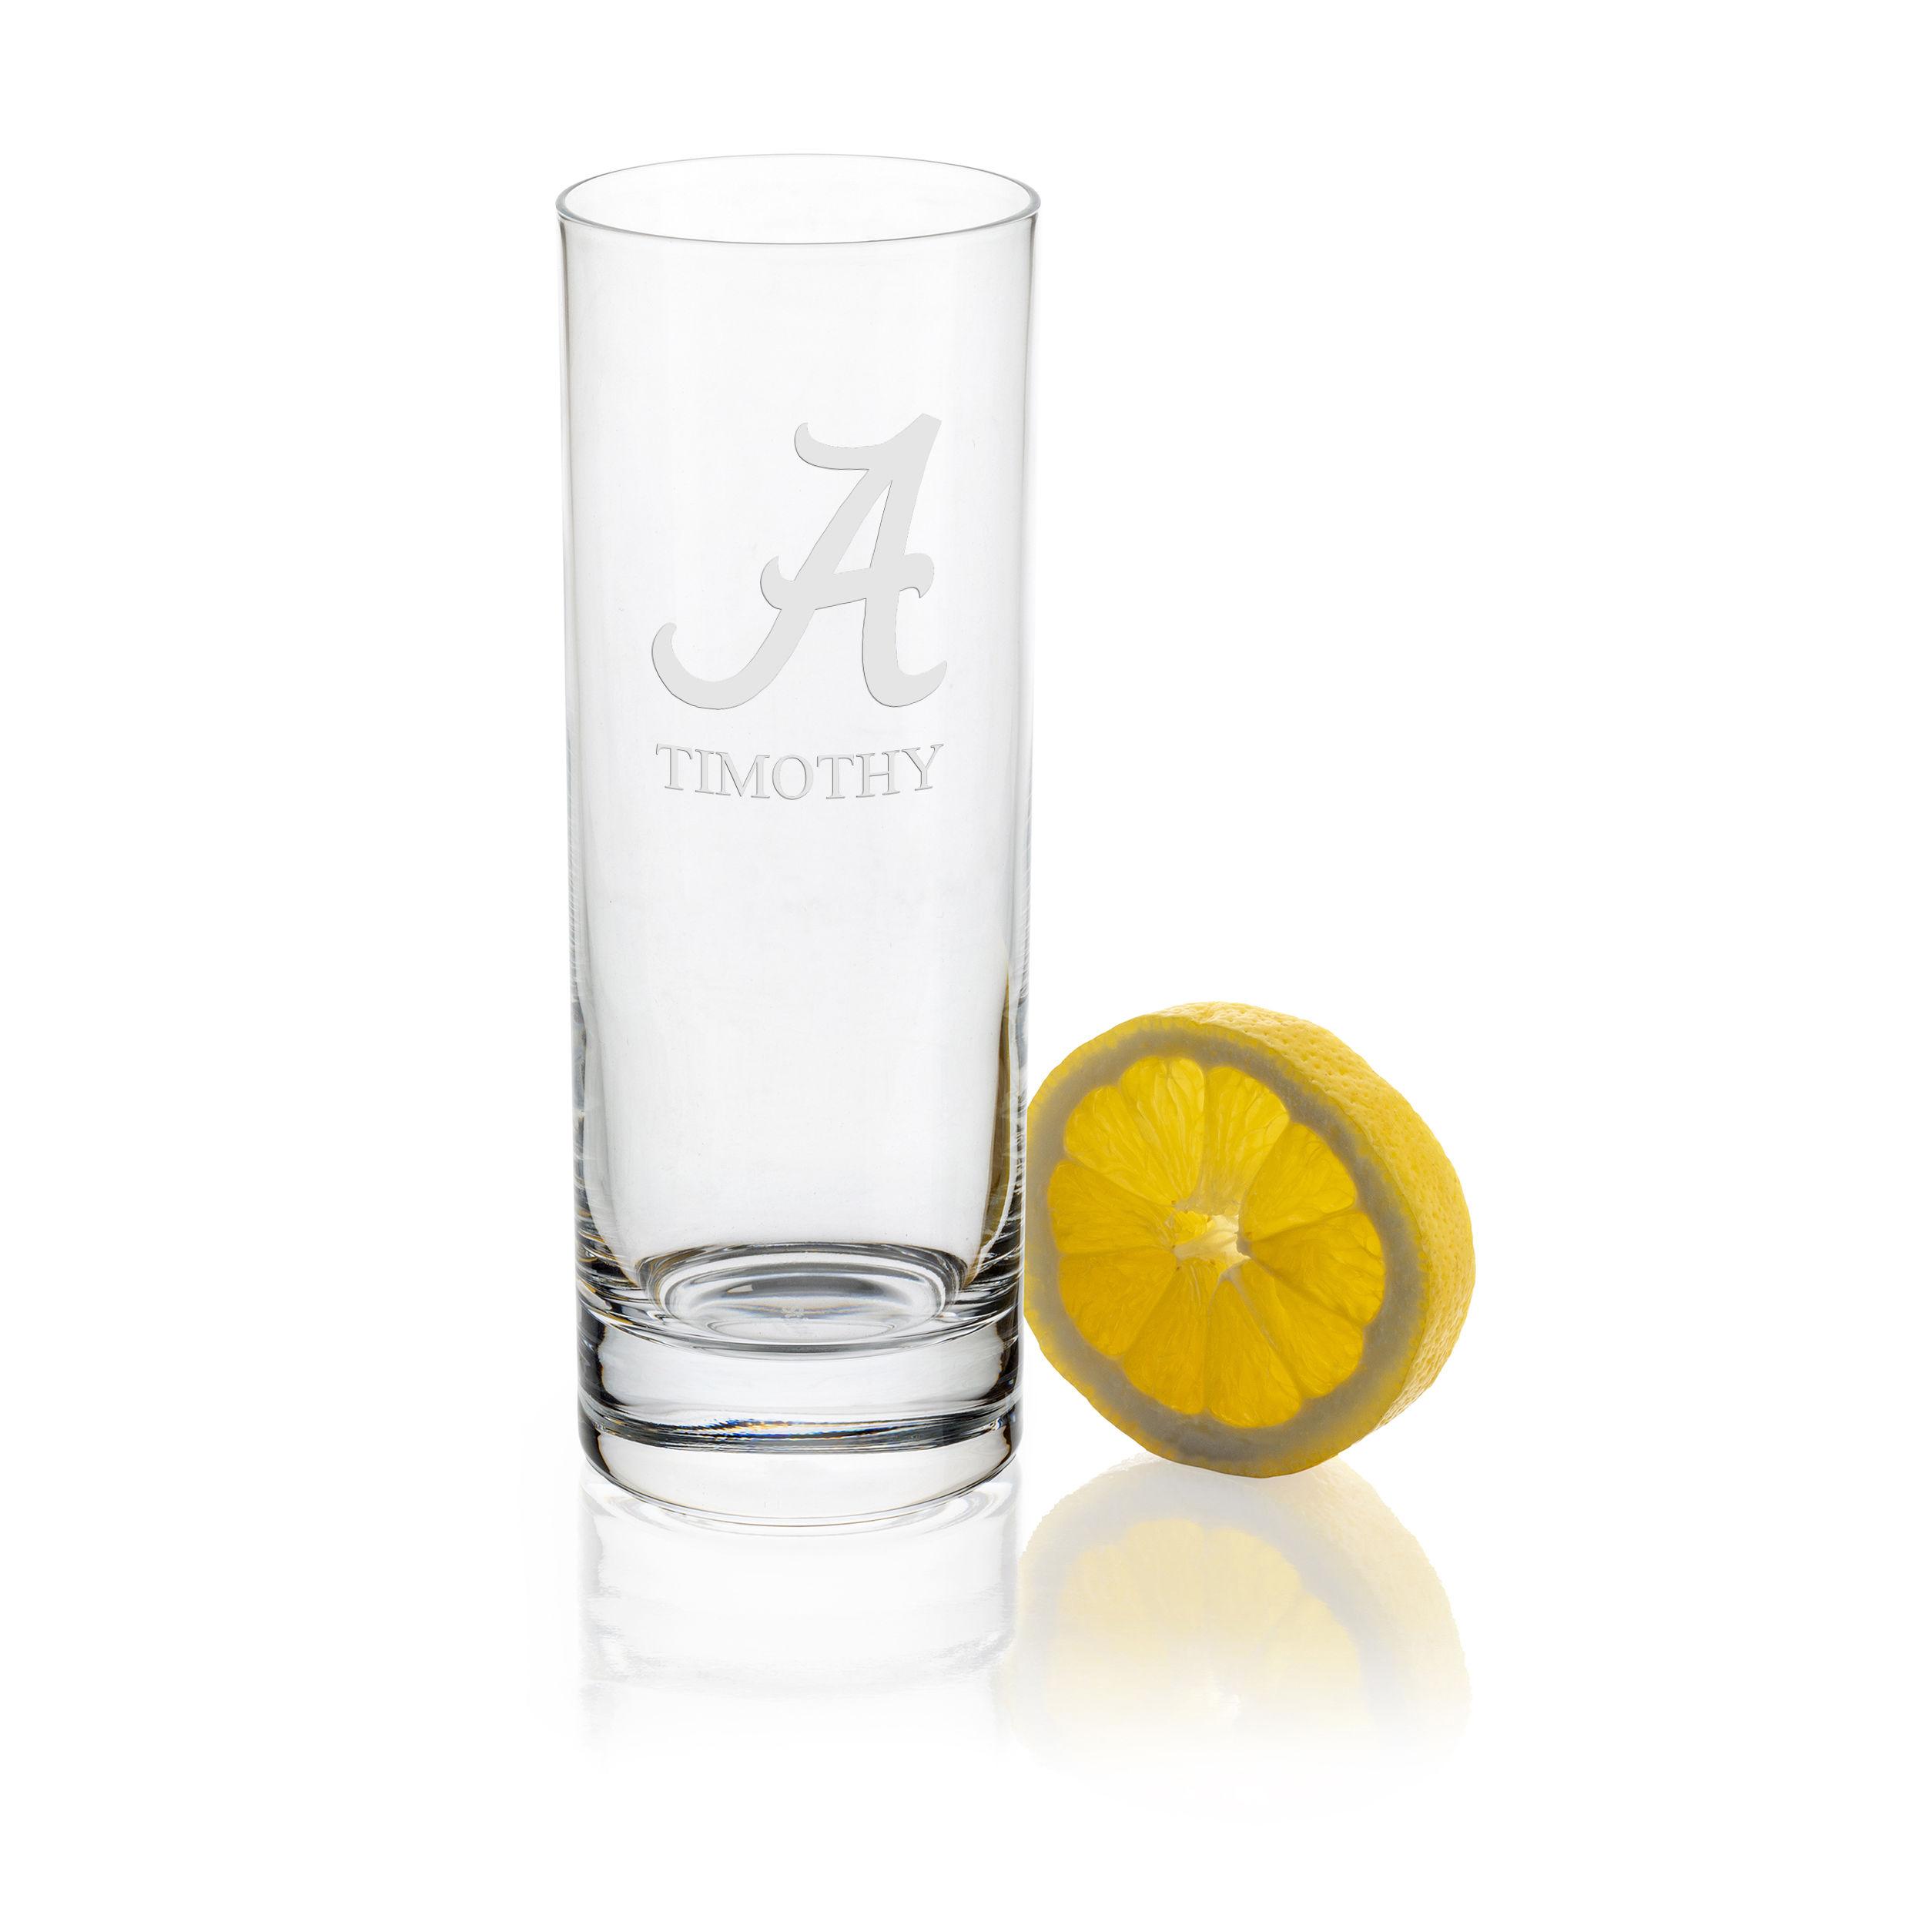 Alabama Iced Beverage Glasses - Set of 4